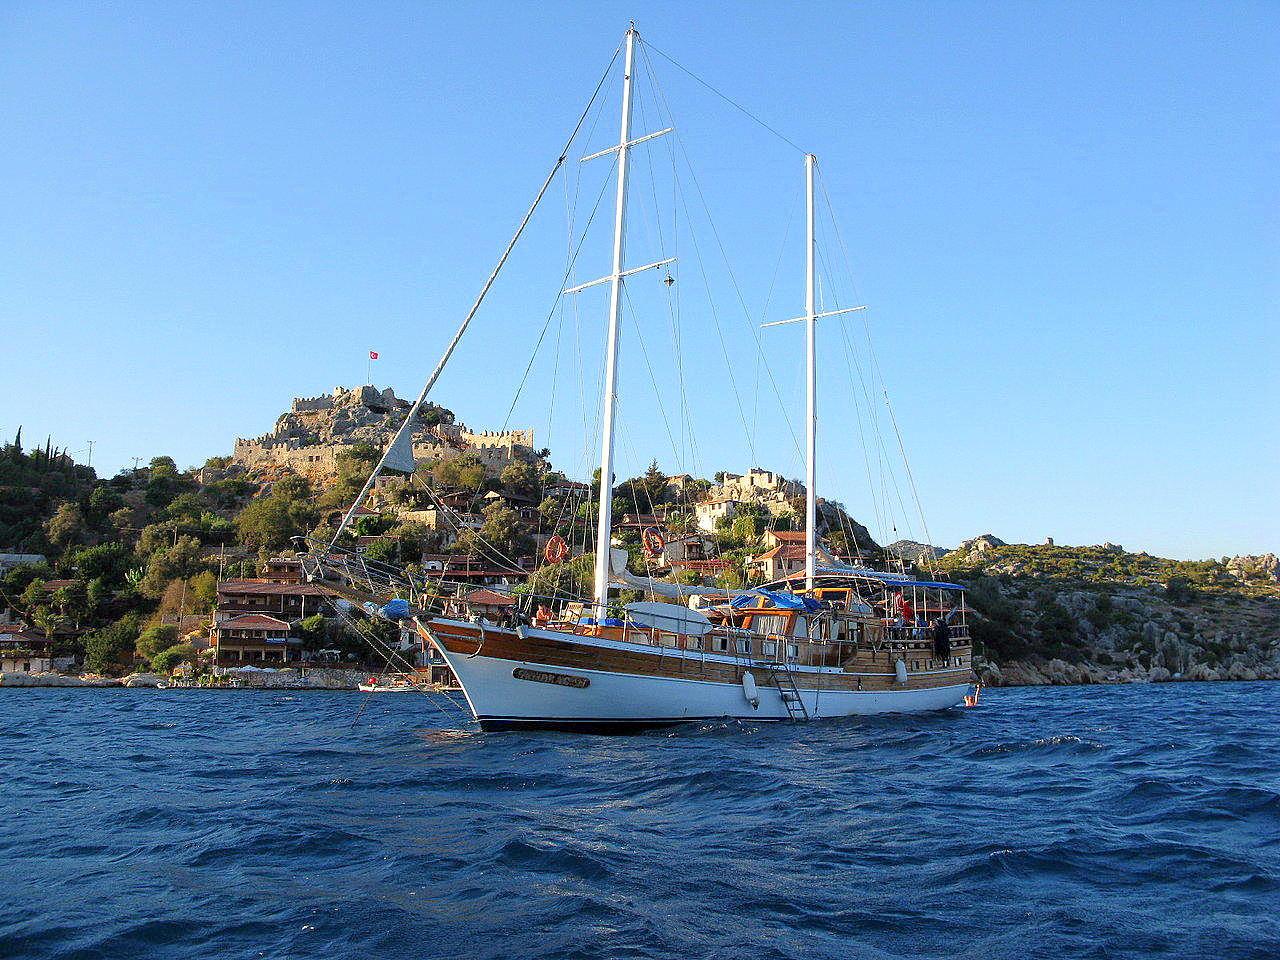 Yacht Sandracan